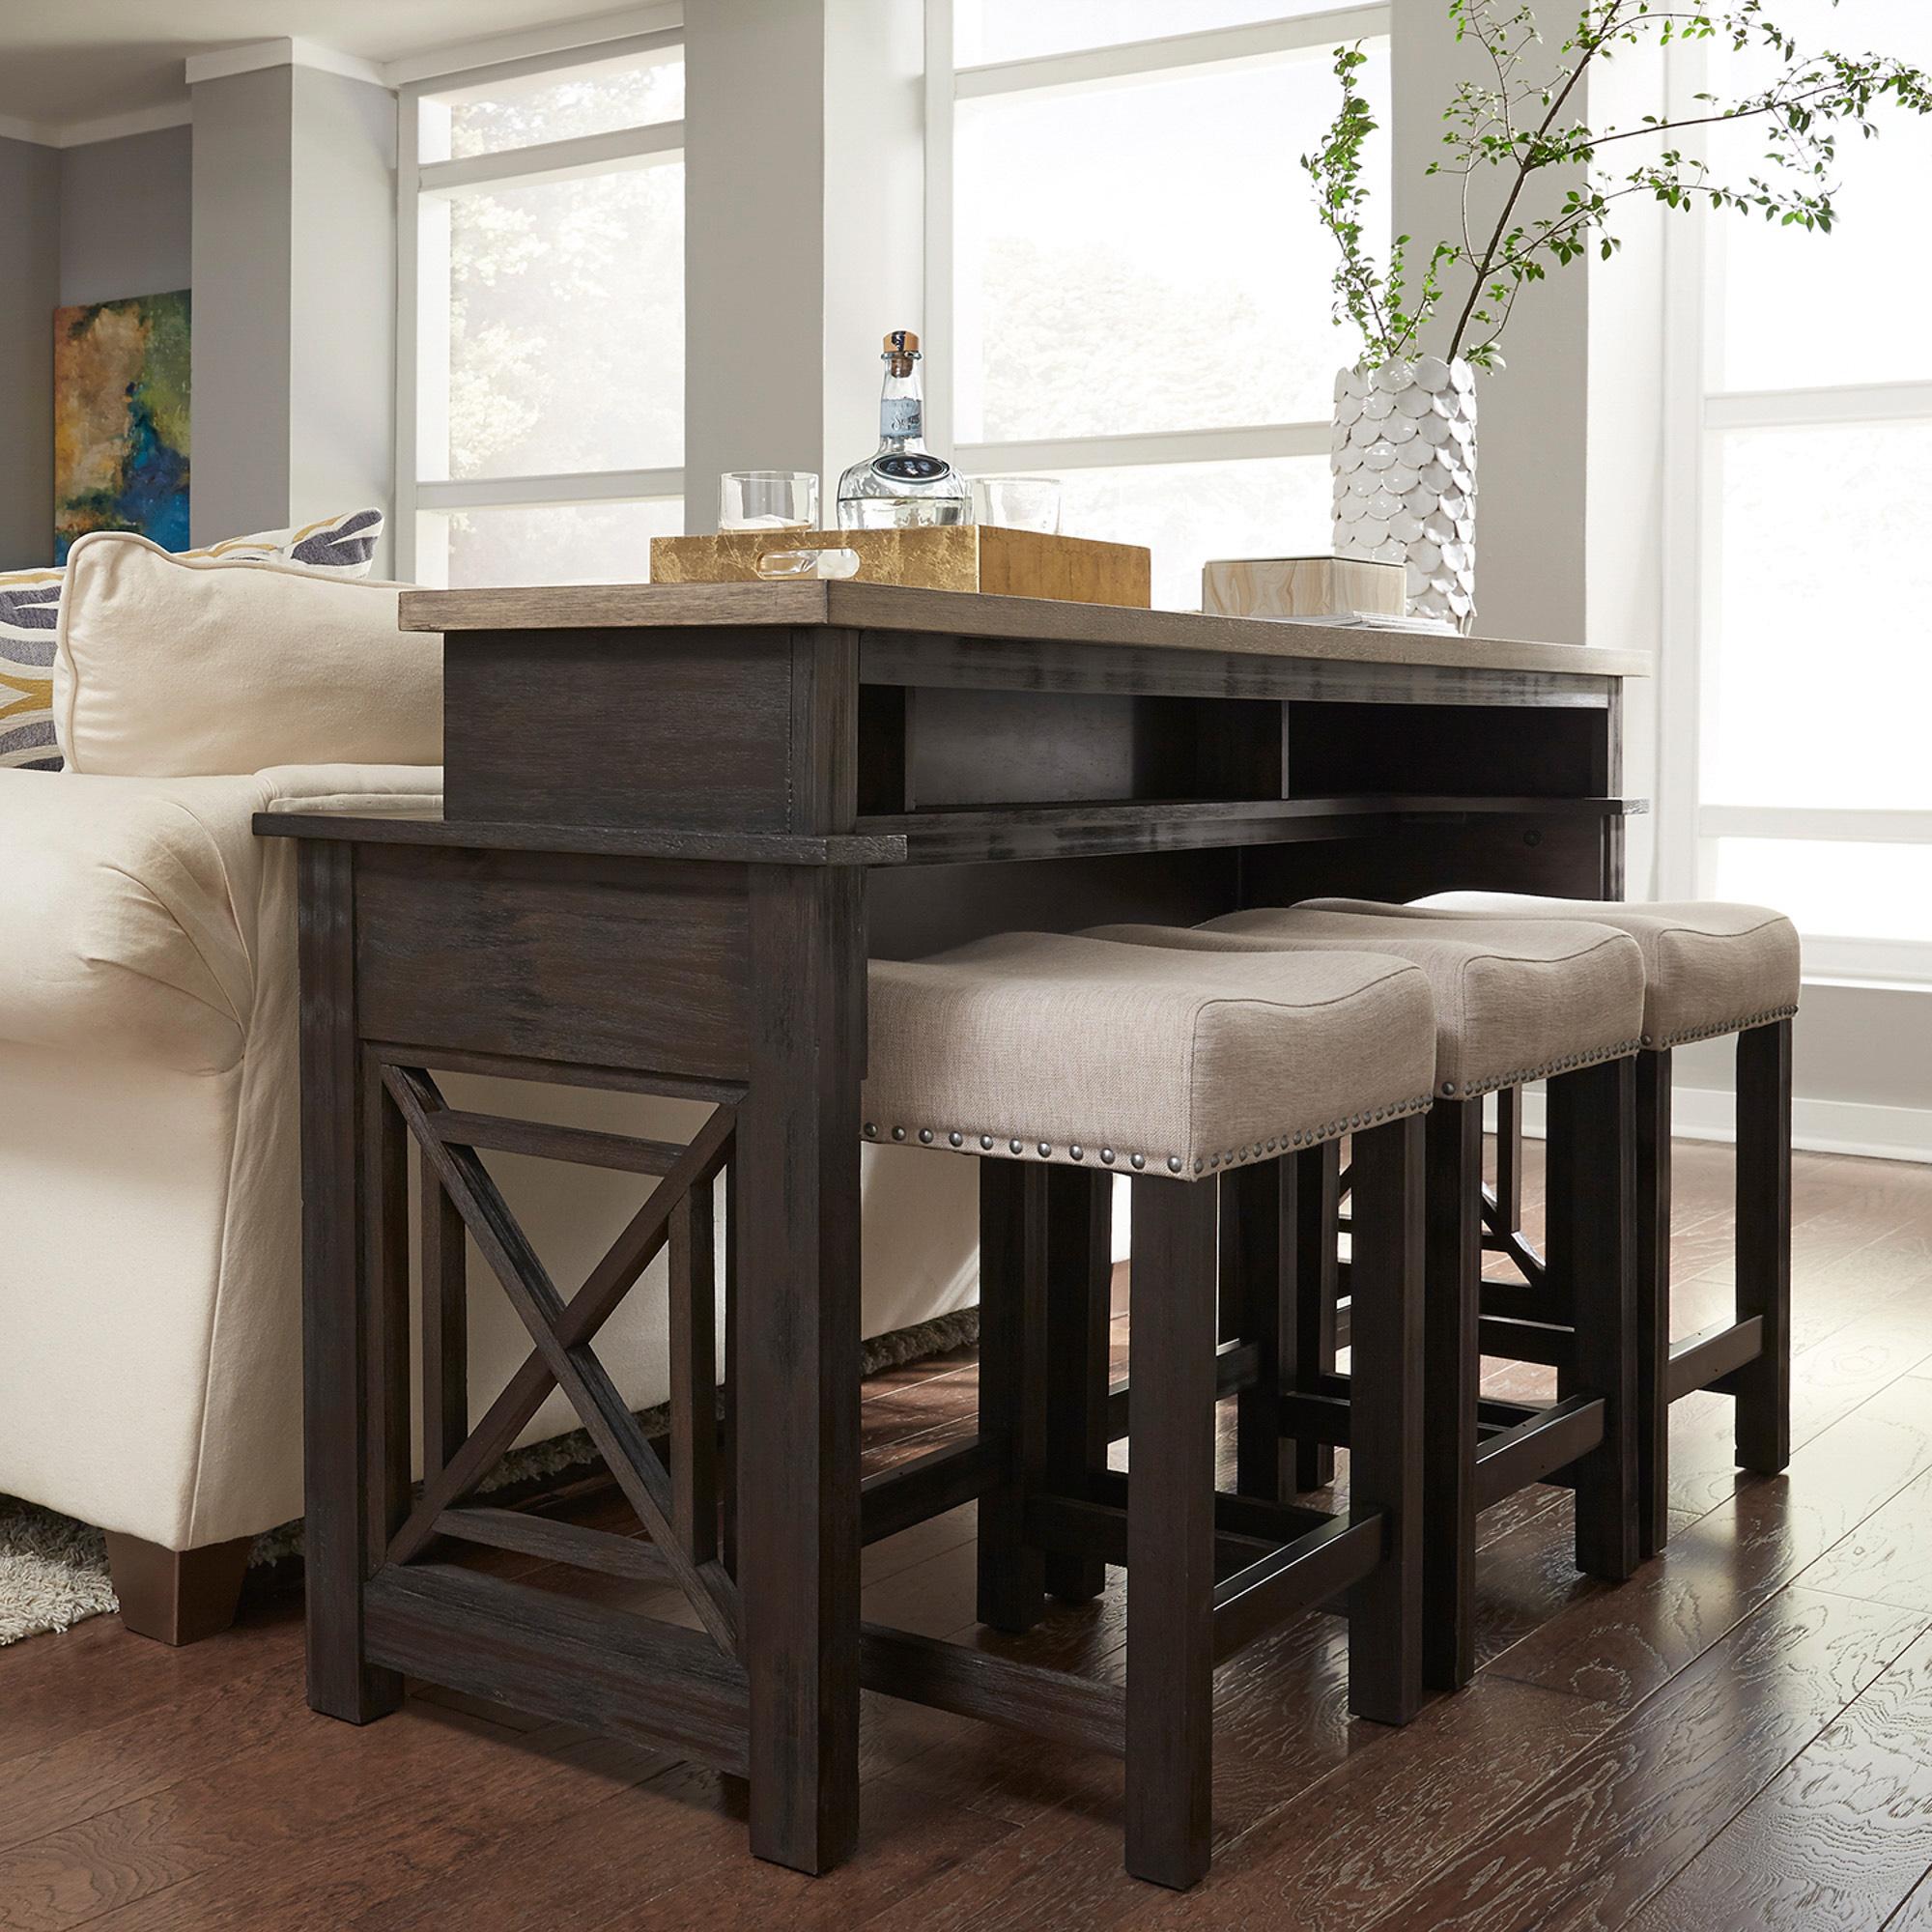 Liberty Furnitureliberty Furniture | Heatherbrook Charcoal For Arista Ceramic Garden Stools (View 20 of 25)